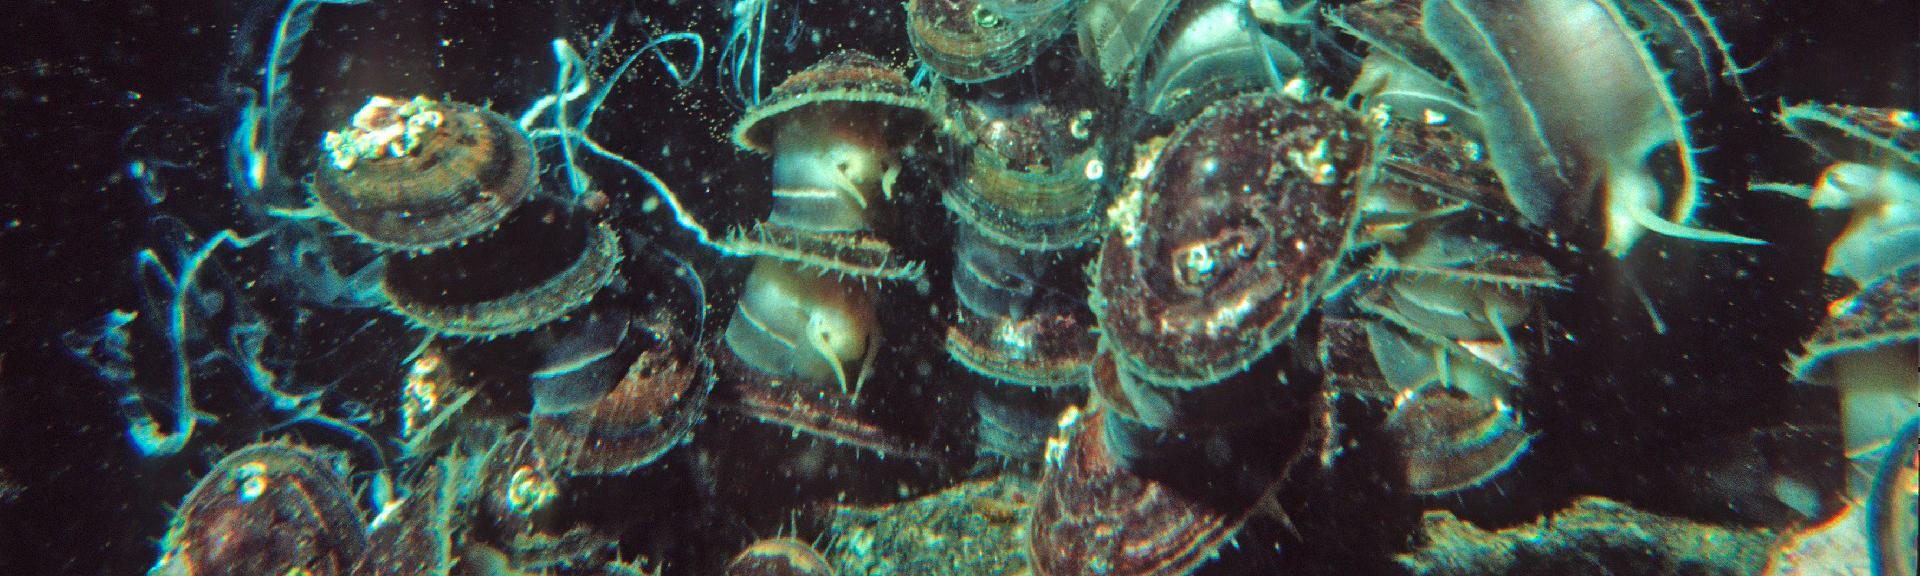 Bei der Fortpflanzung klettern die Napf-schnecken aufeinander, so dass sich Eier und Spermien in unmittelbarer Nähe befinden, wenn sie sie ins Wasser abgeben.